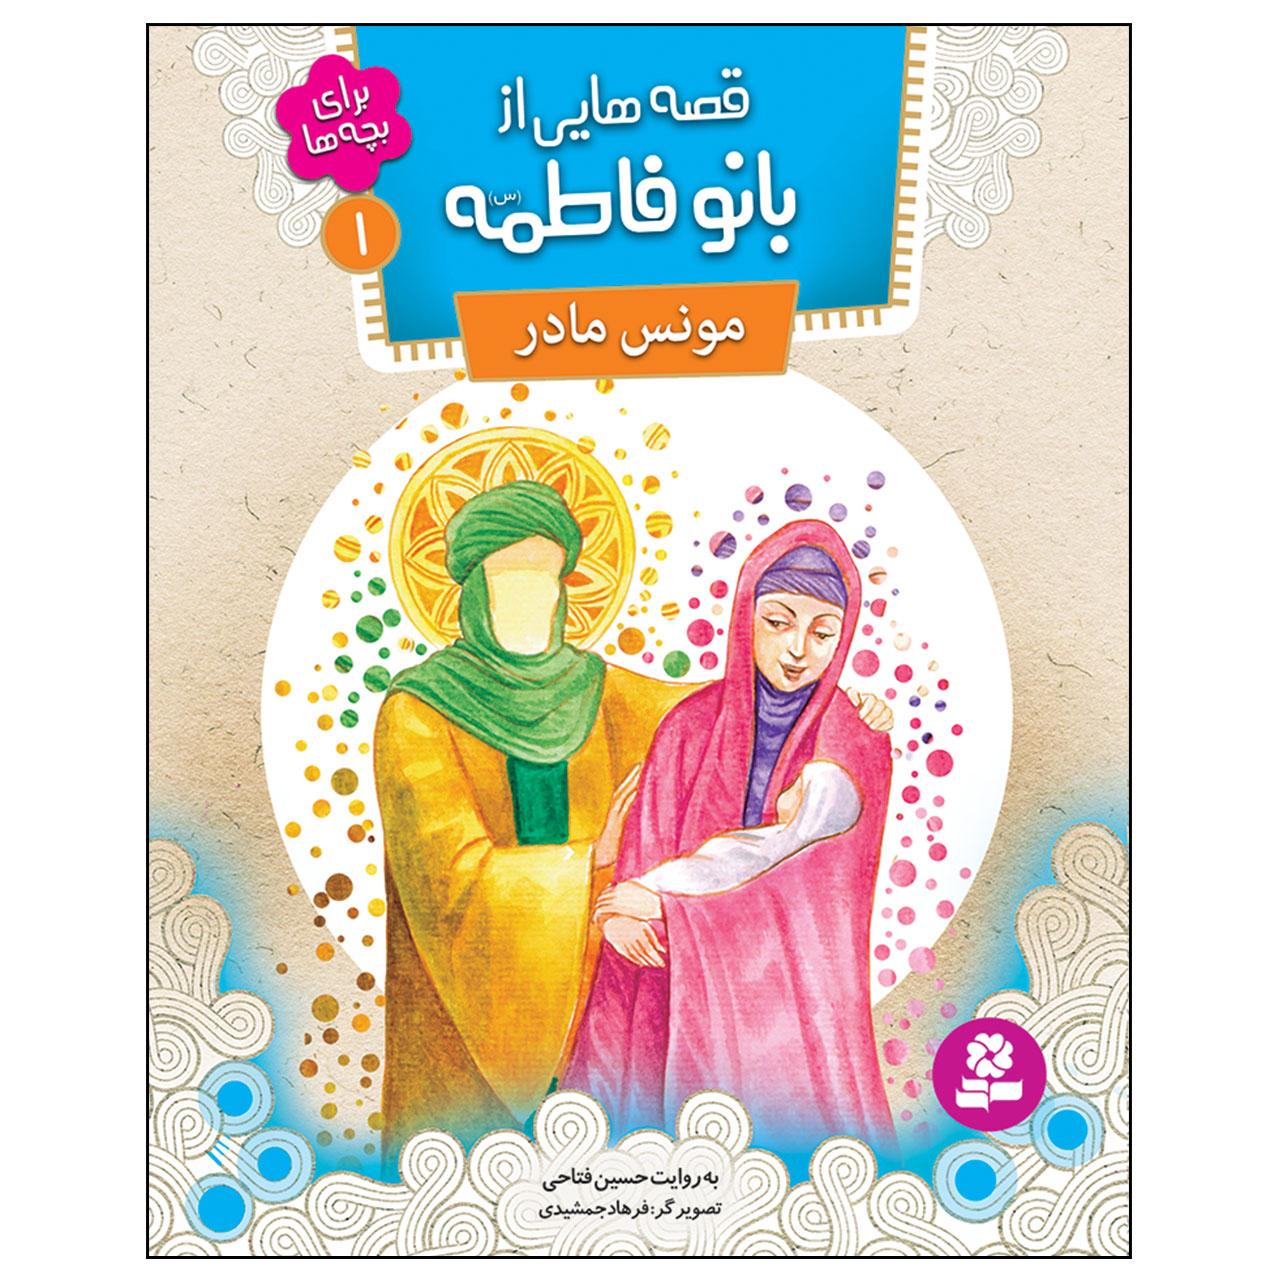 خرید                      کتاب قصه هایی از بانو فاطمه (س) 1 مونس مادر اثر حسین فتاحی انتشارات قدیانی